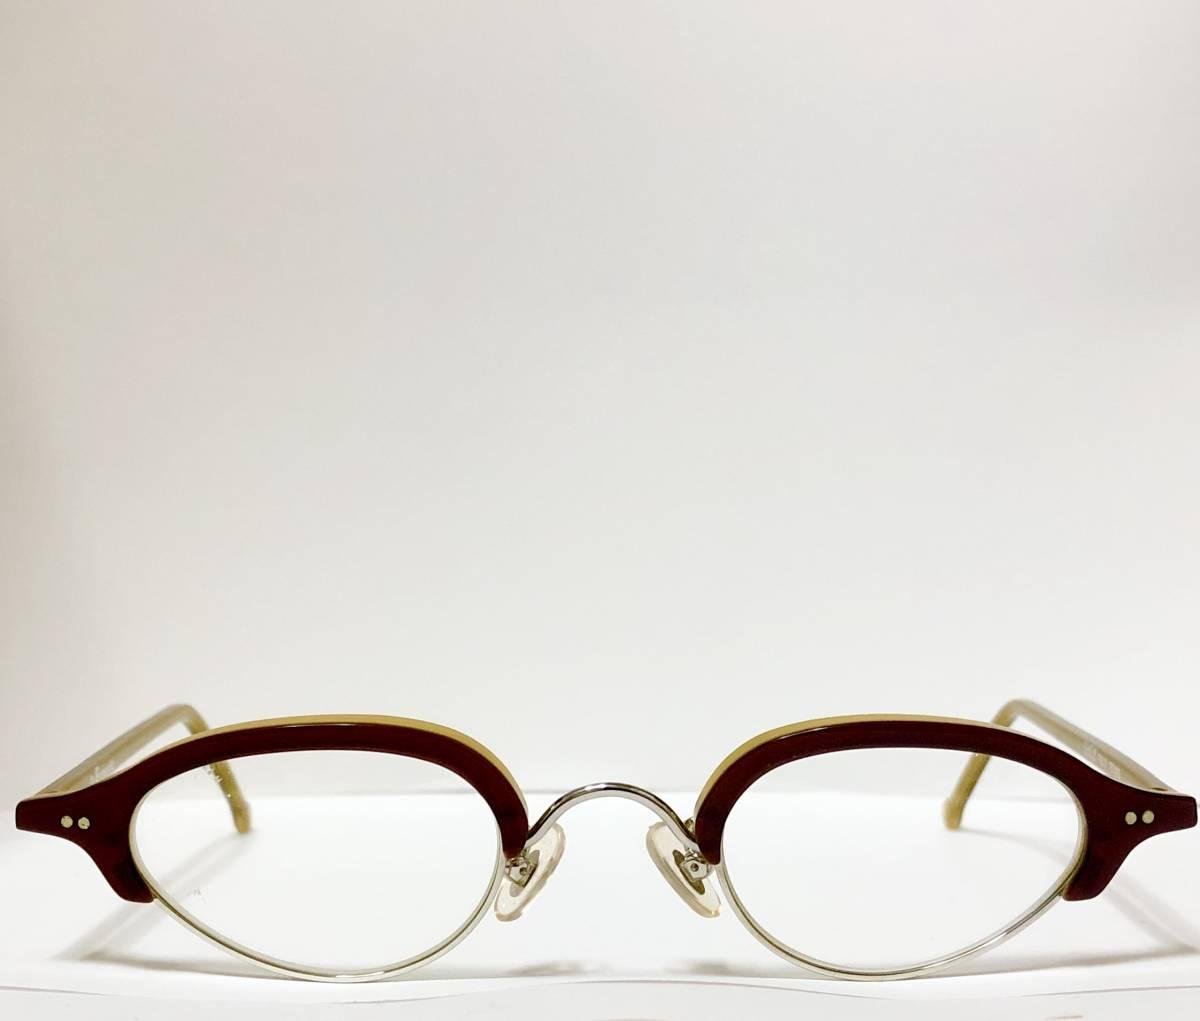 ビンテージ・新品】1990年代 l.a. Eyeworks イタリア製ティリー 茶色 高級メガネ エルエーアイワークス /ヴィンテージ 米国ブランド_画像1